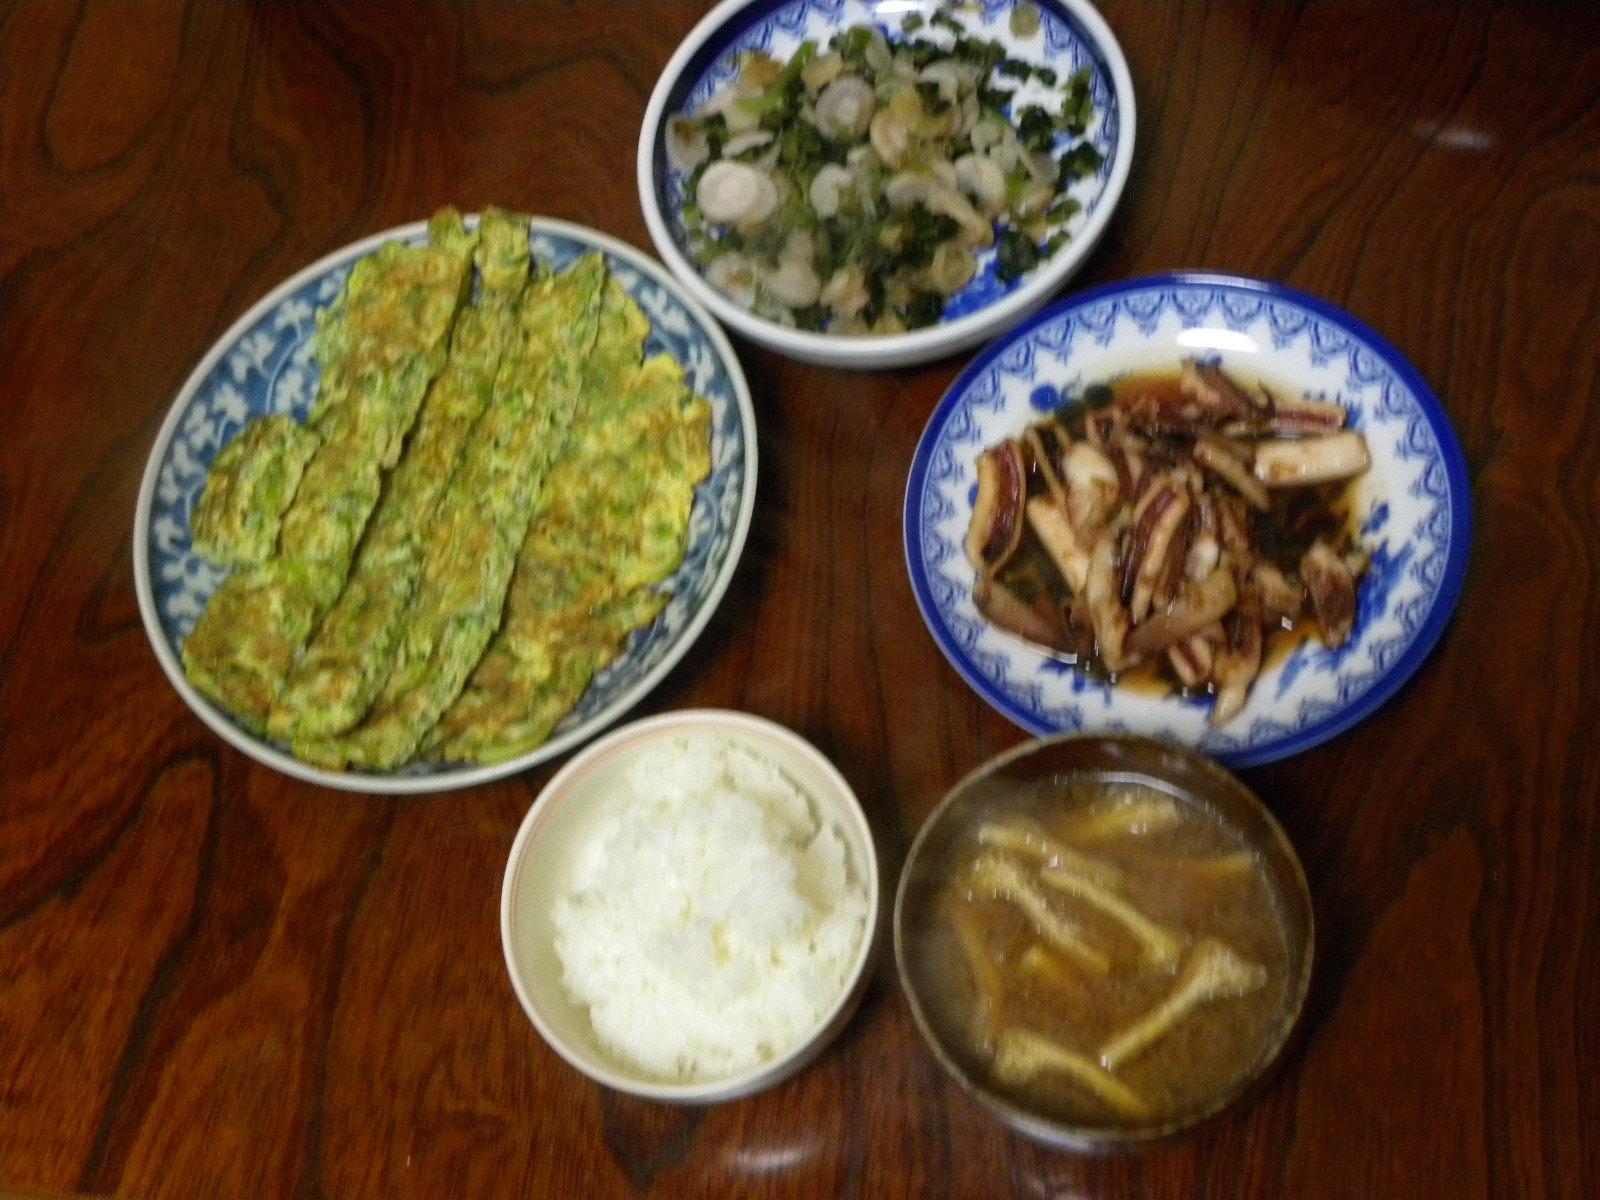 ネギたっぷり卵焼きとイカの生姜焼き定食_c0162773_13132608.jpg